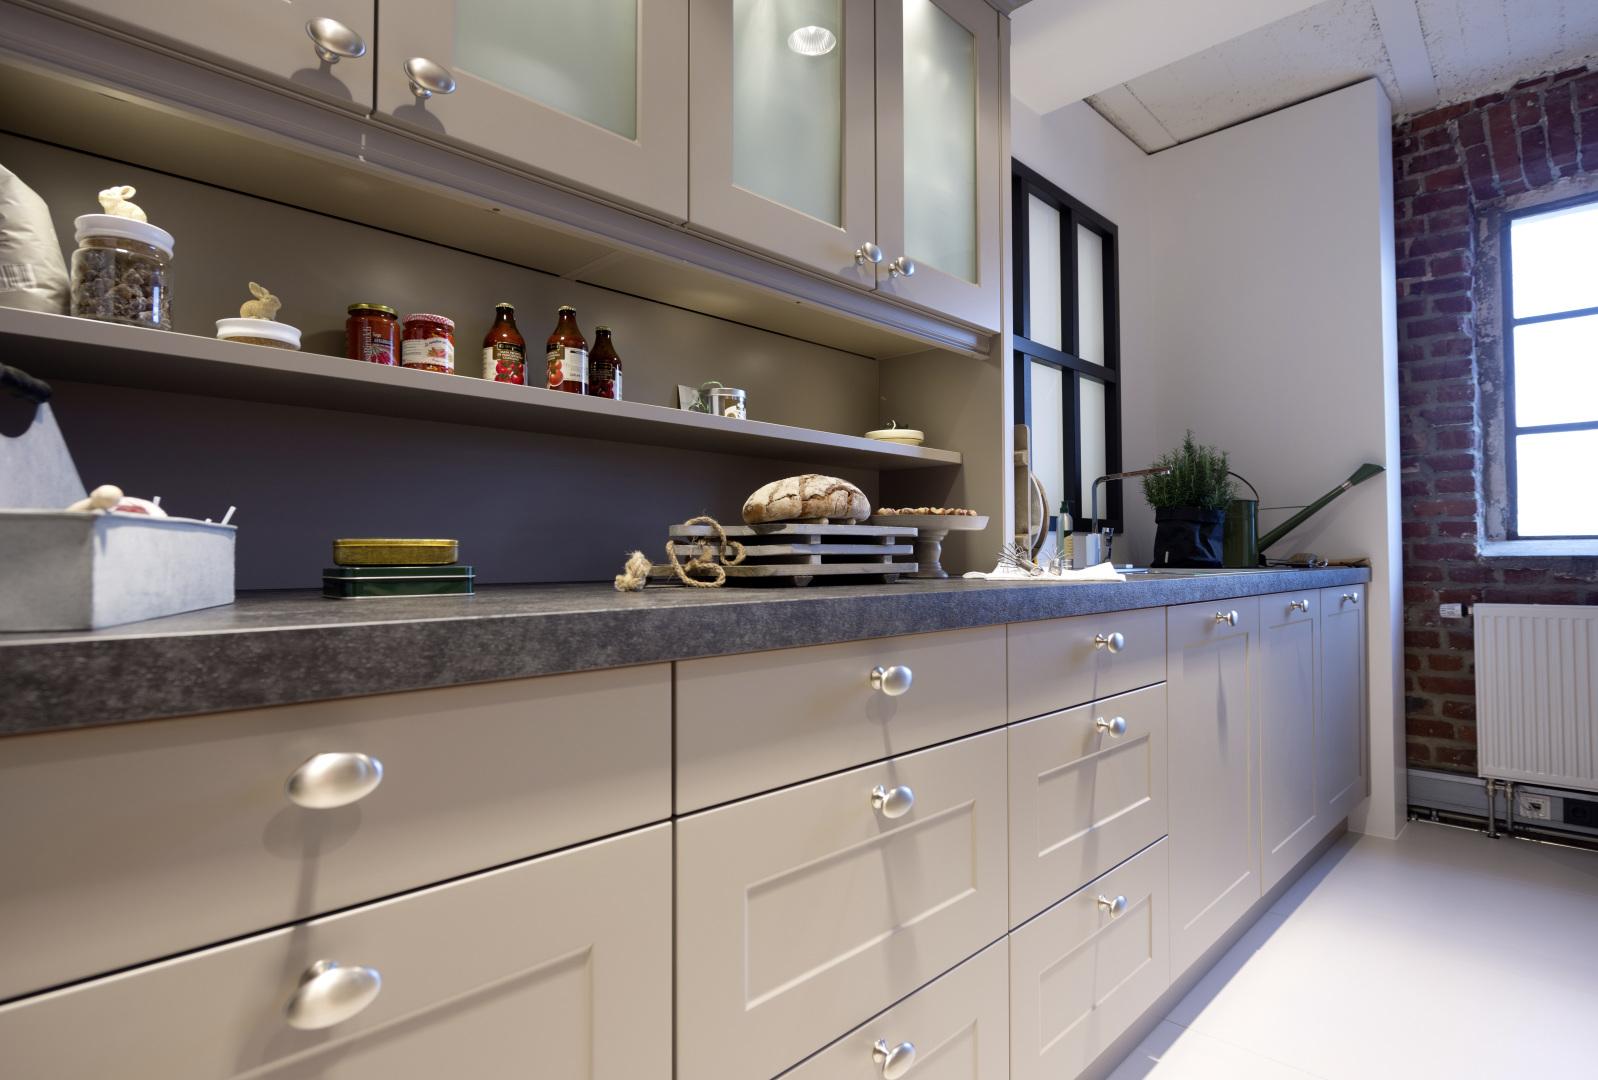 Tiradores para una cocina de dise o nolte cocinas - Tiradores de puertas de cocina ...